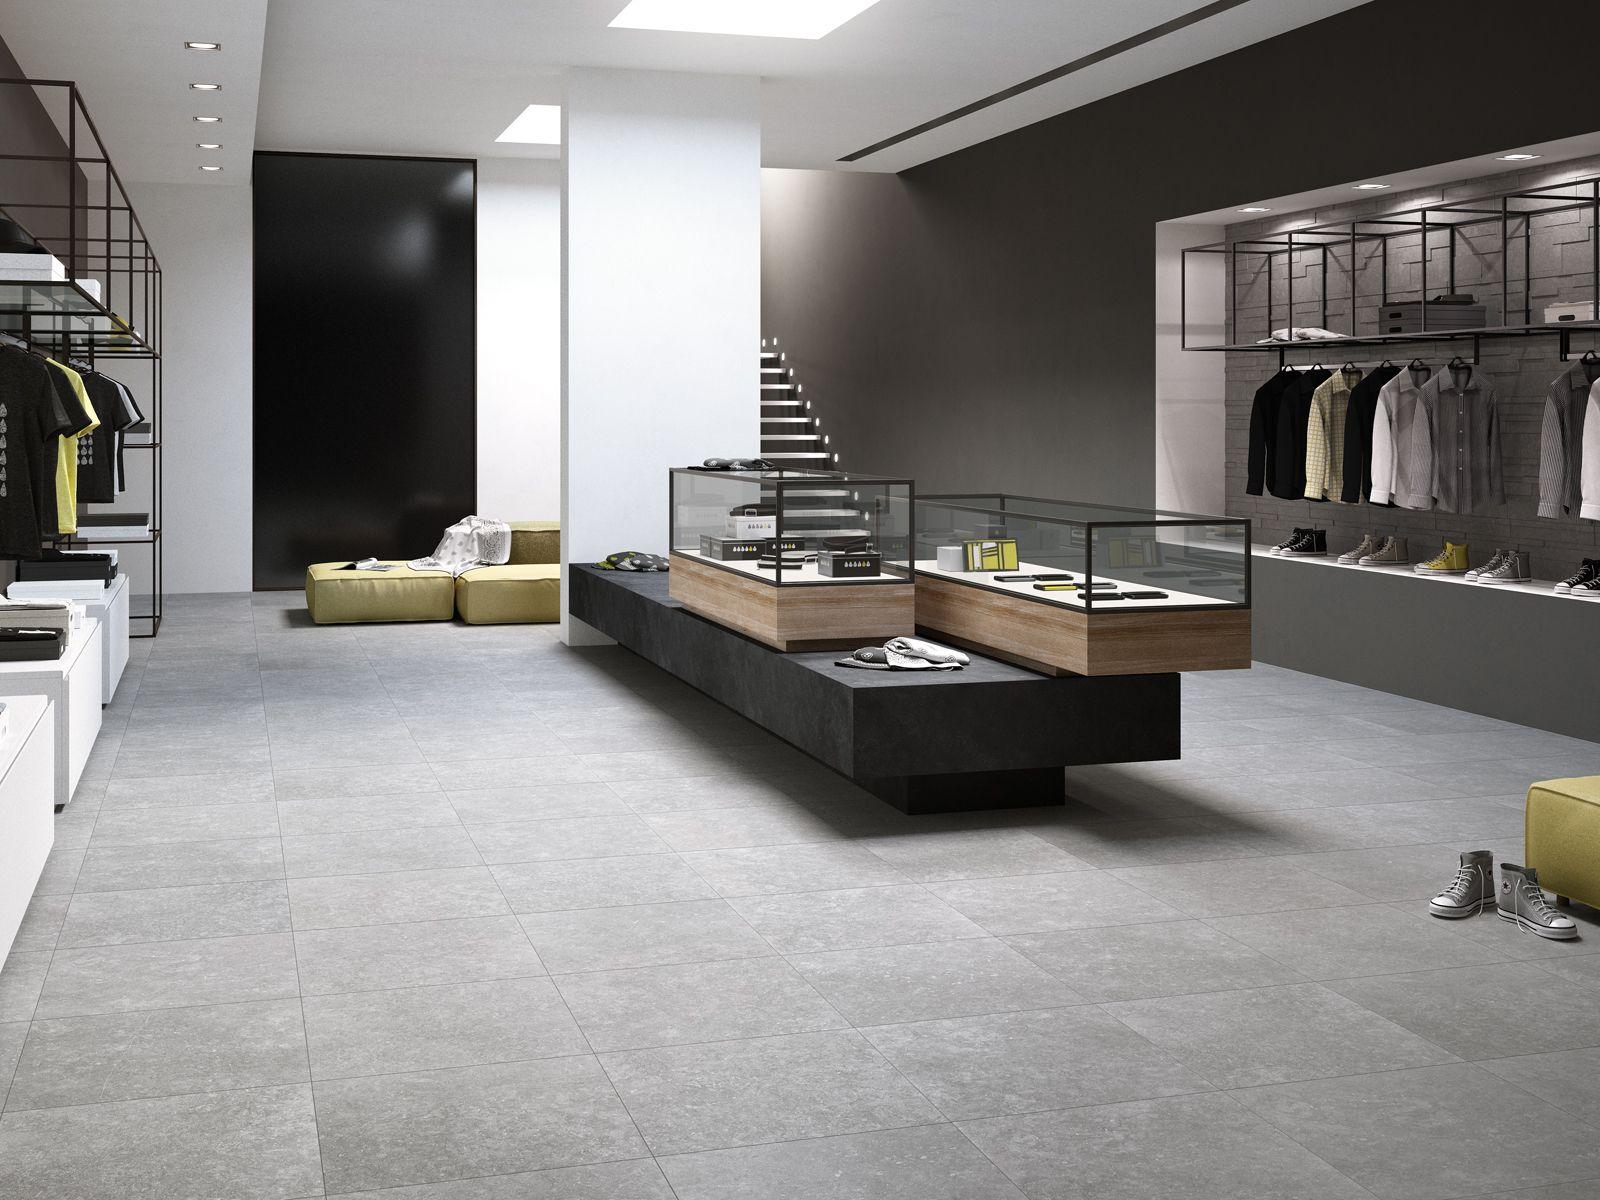 Ideen für die erweiterung der küche lightstone naturale x cm  interiors  pinterest